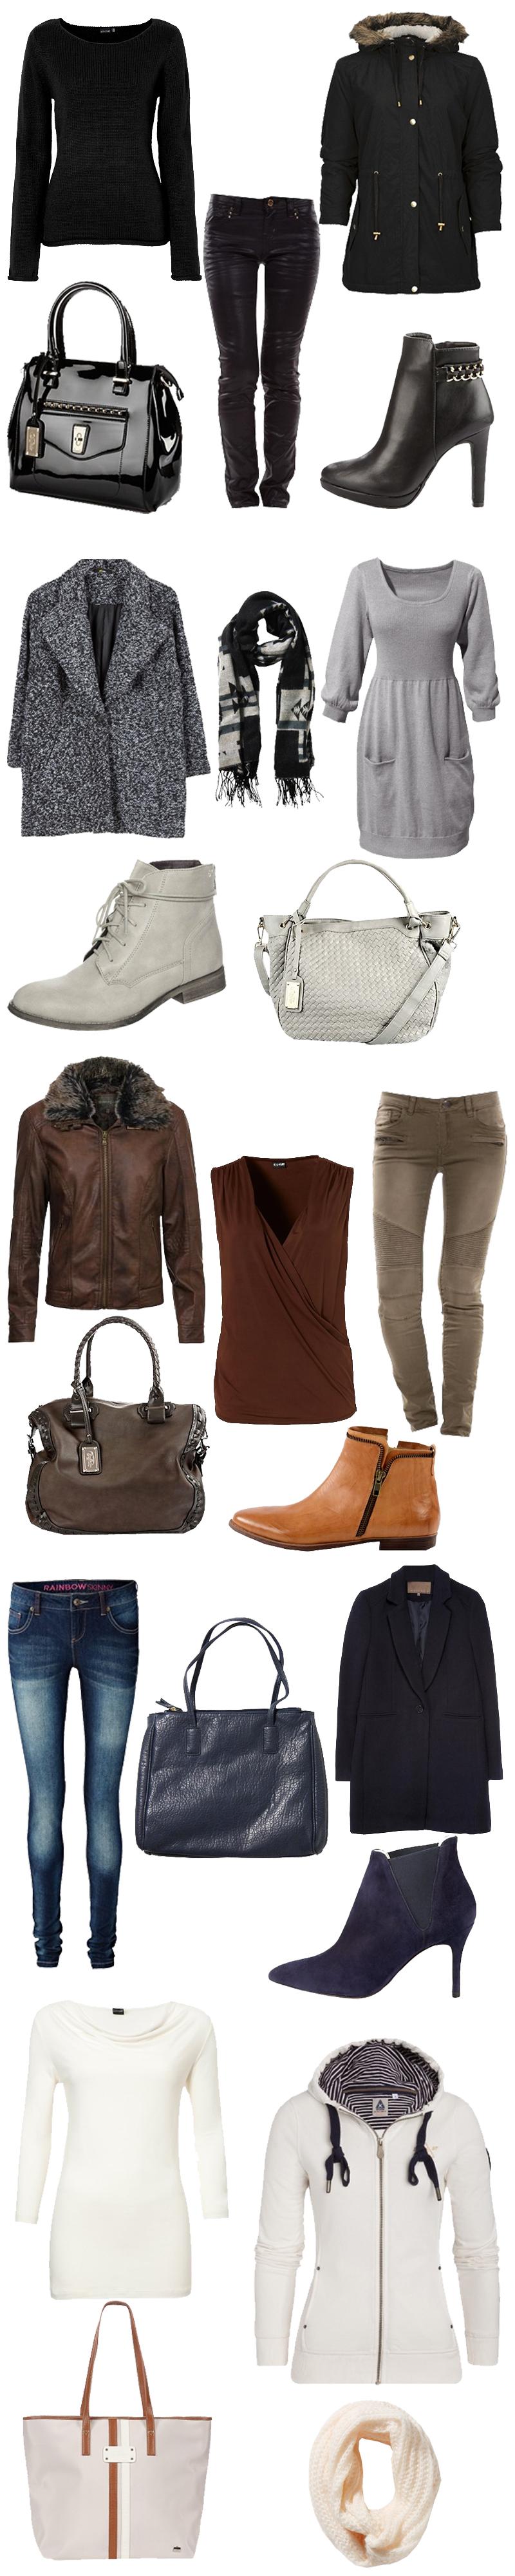 Des idées de tenues encore et encore ! Inspiration styefruits http://stylefru.it/s427976 #tenues #etudiante #couleurs